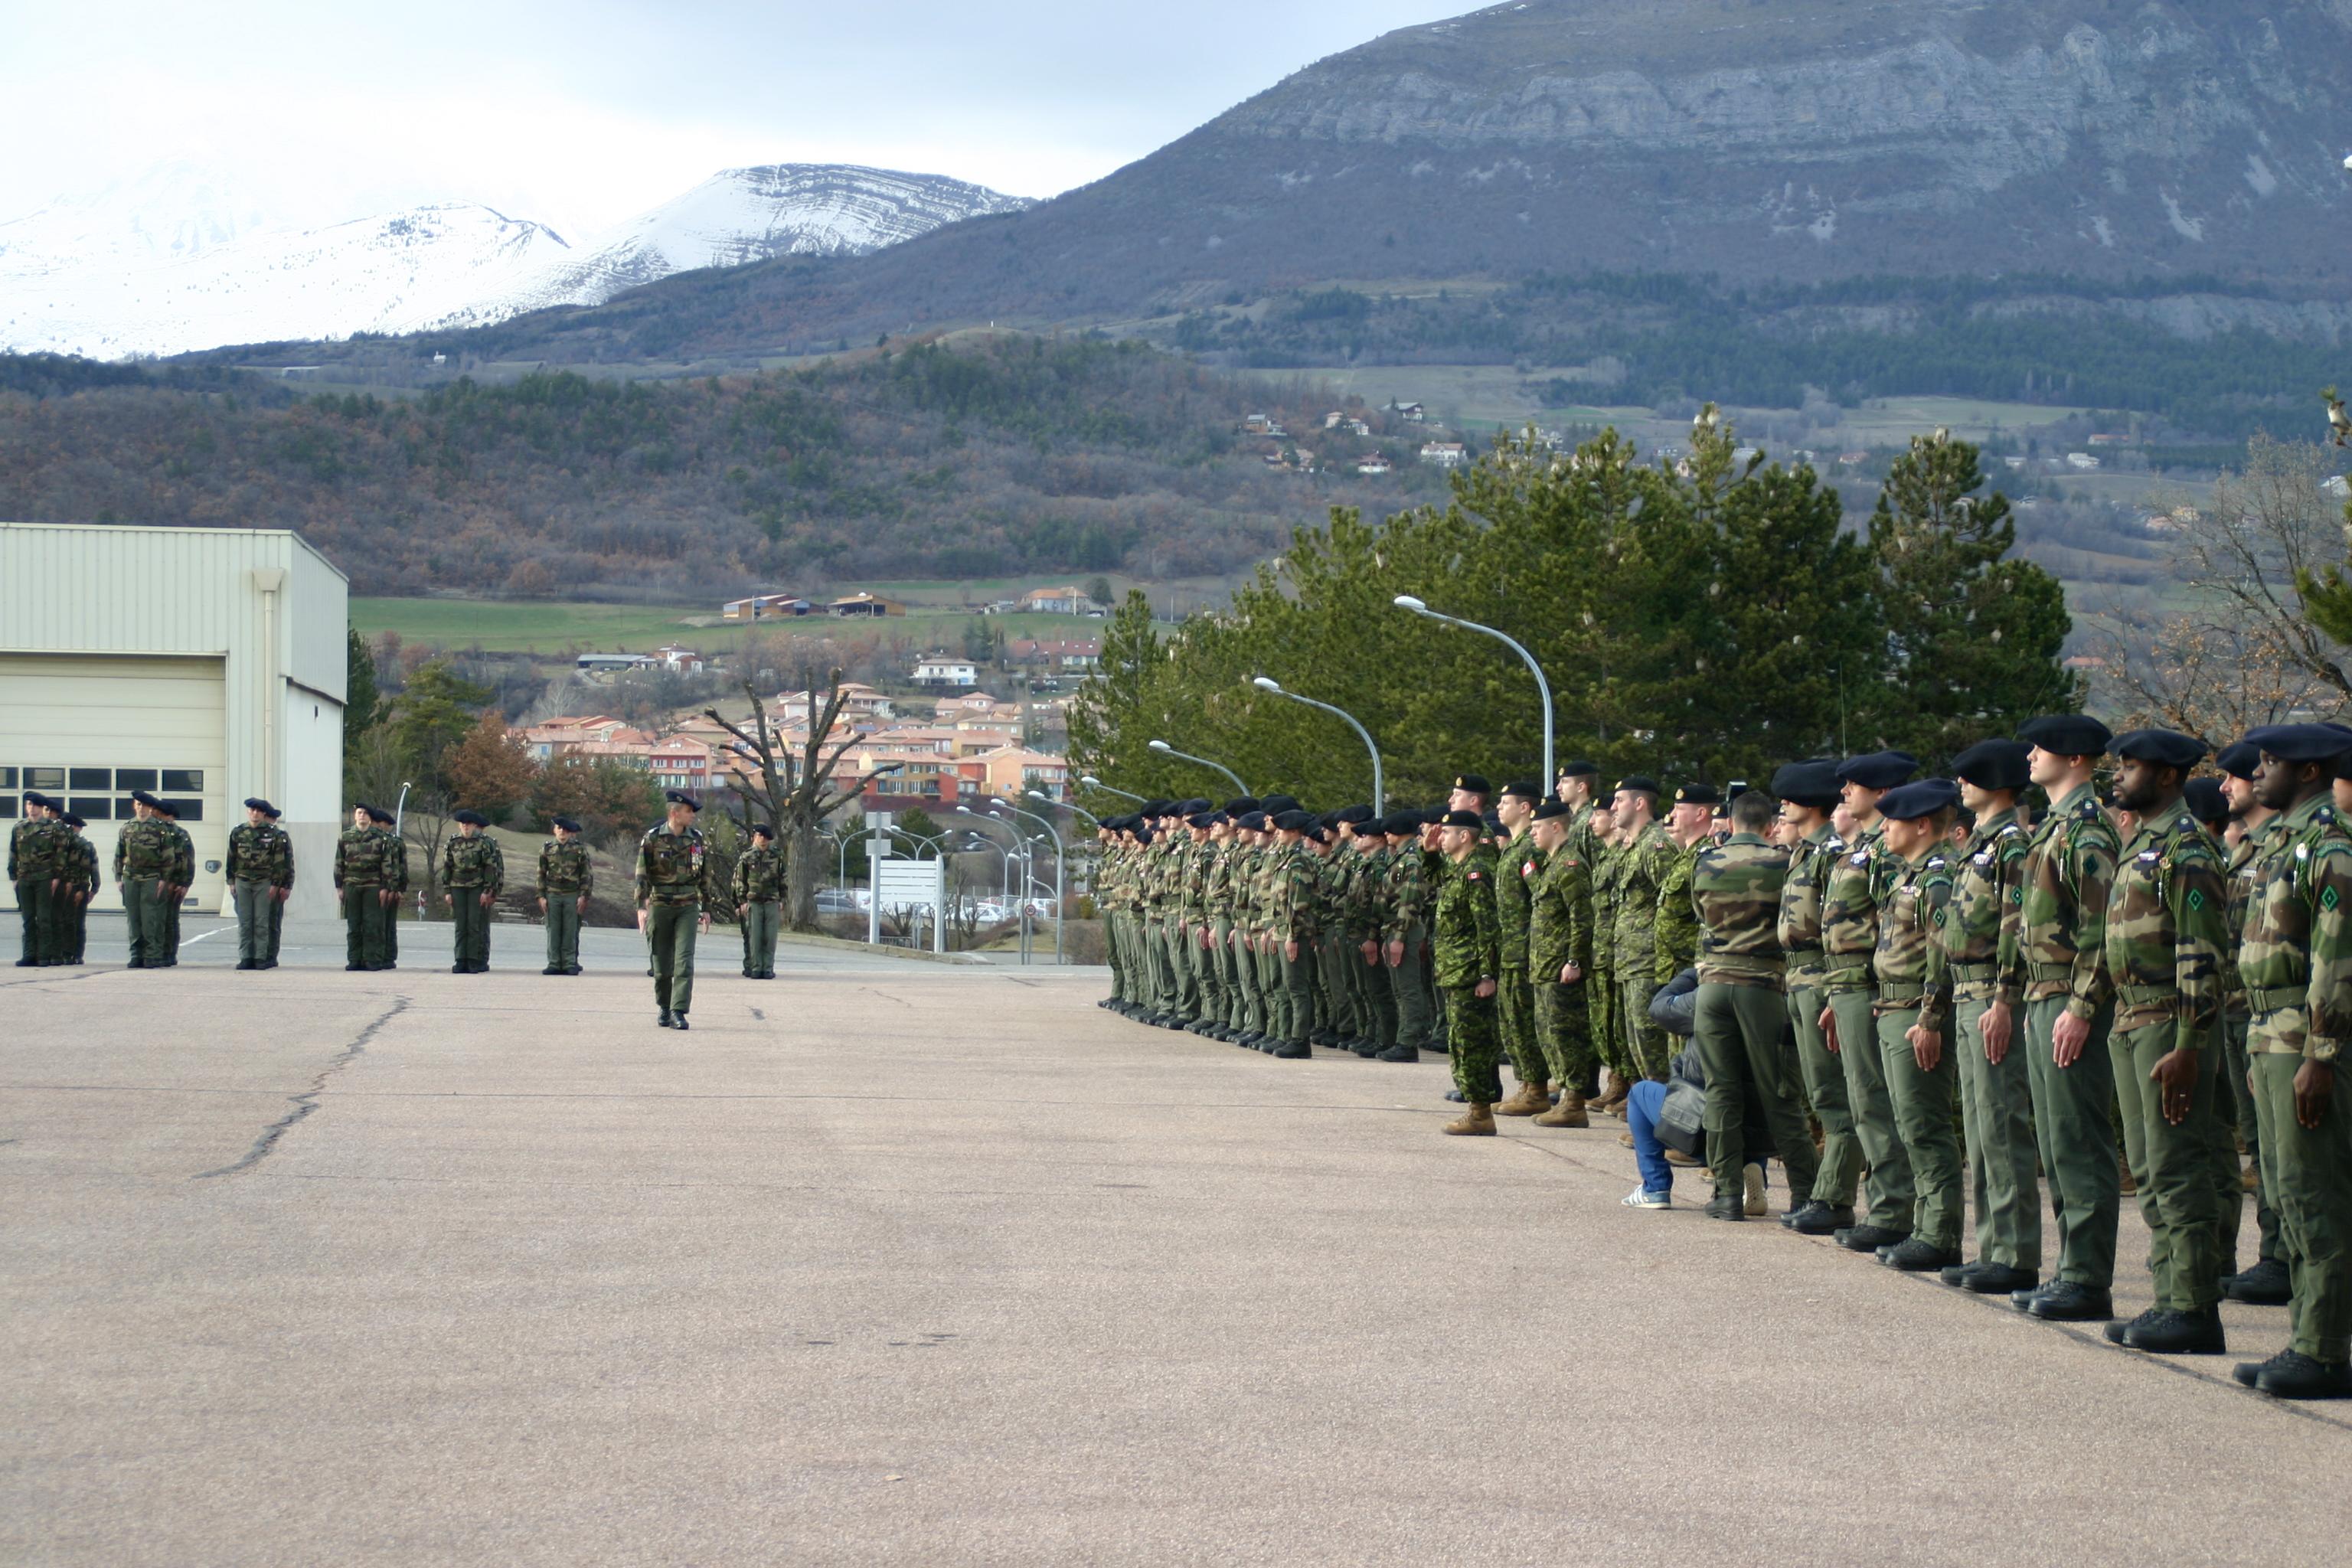 Une cérémonie militaire franco-canadienne à Gap